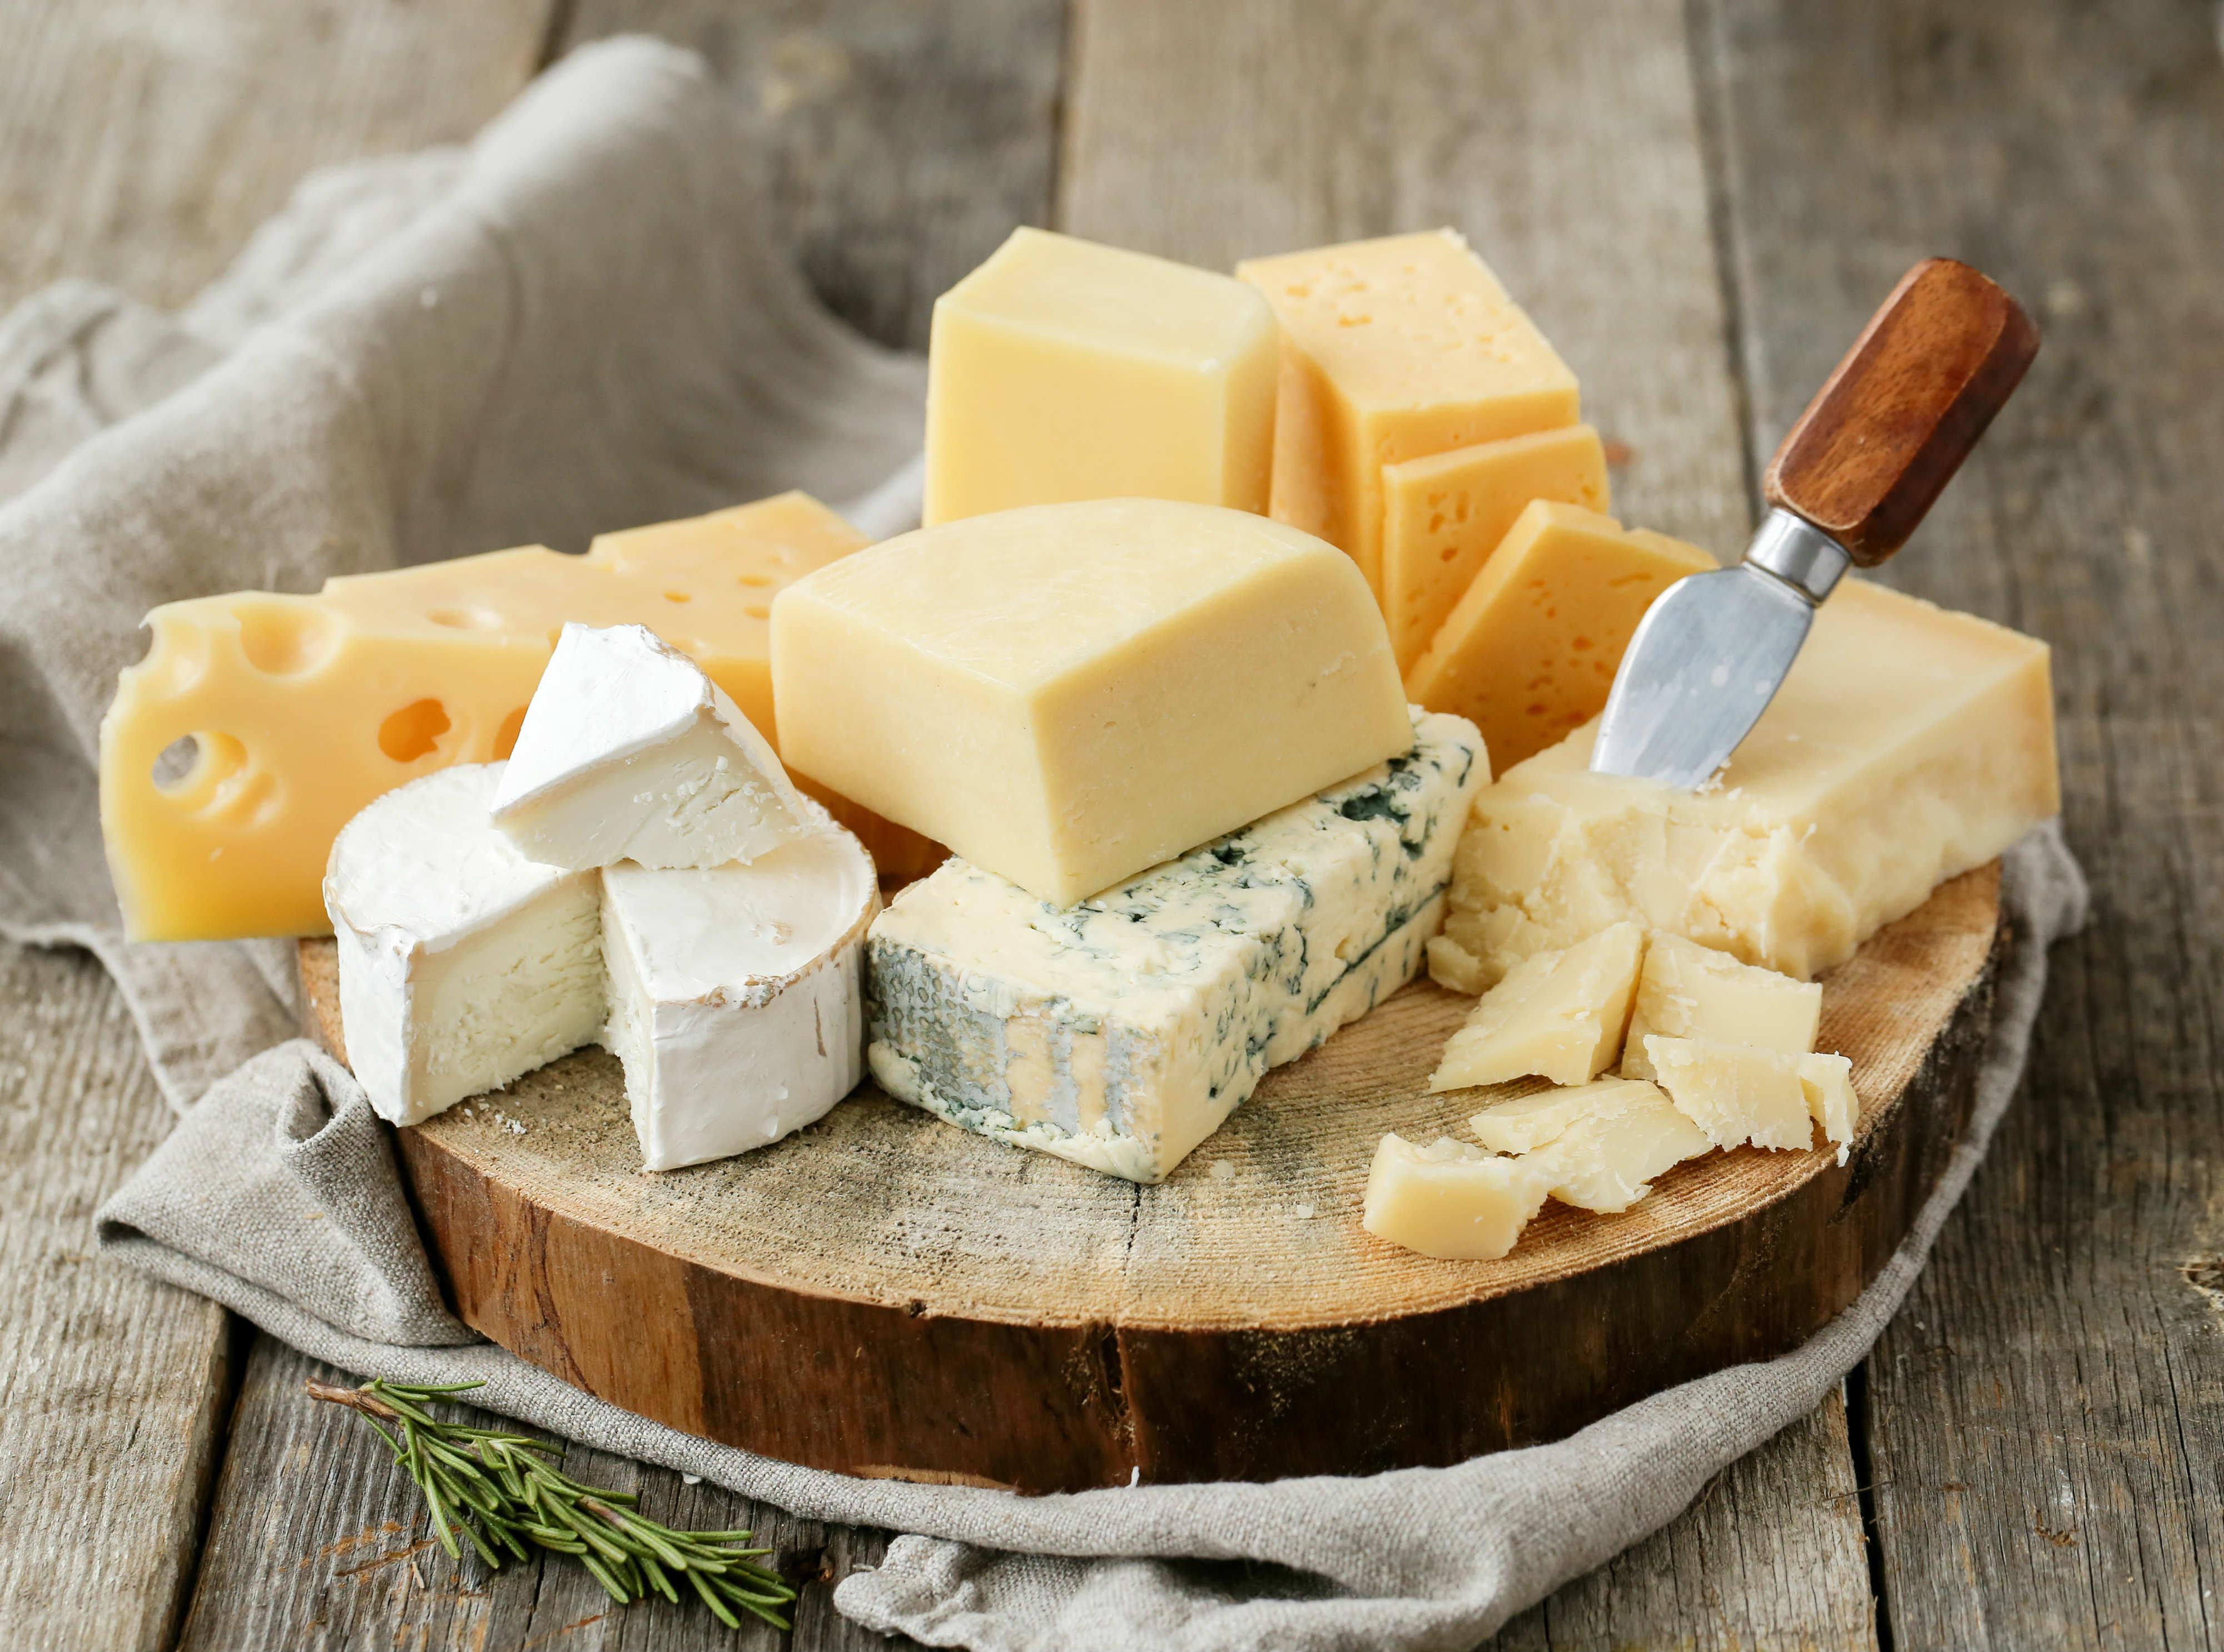 consigli su come mangiare il formaggio